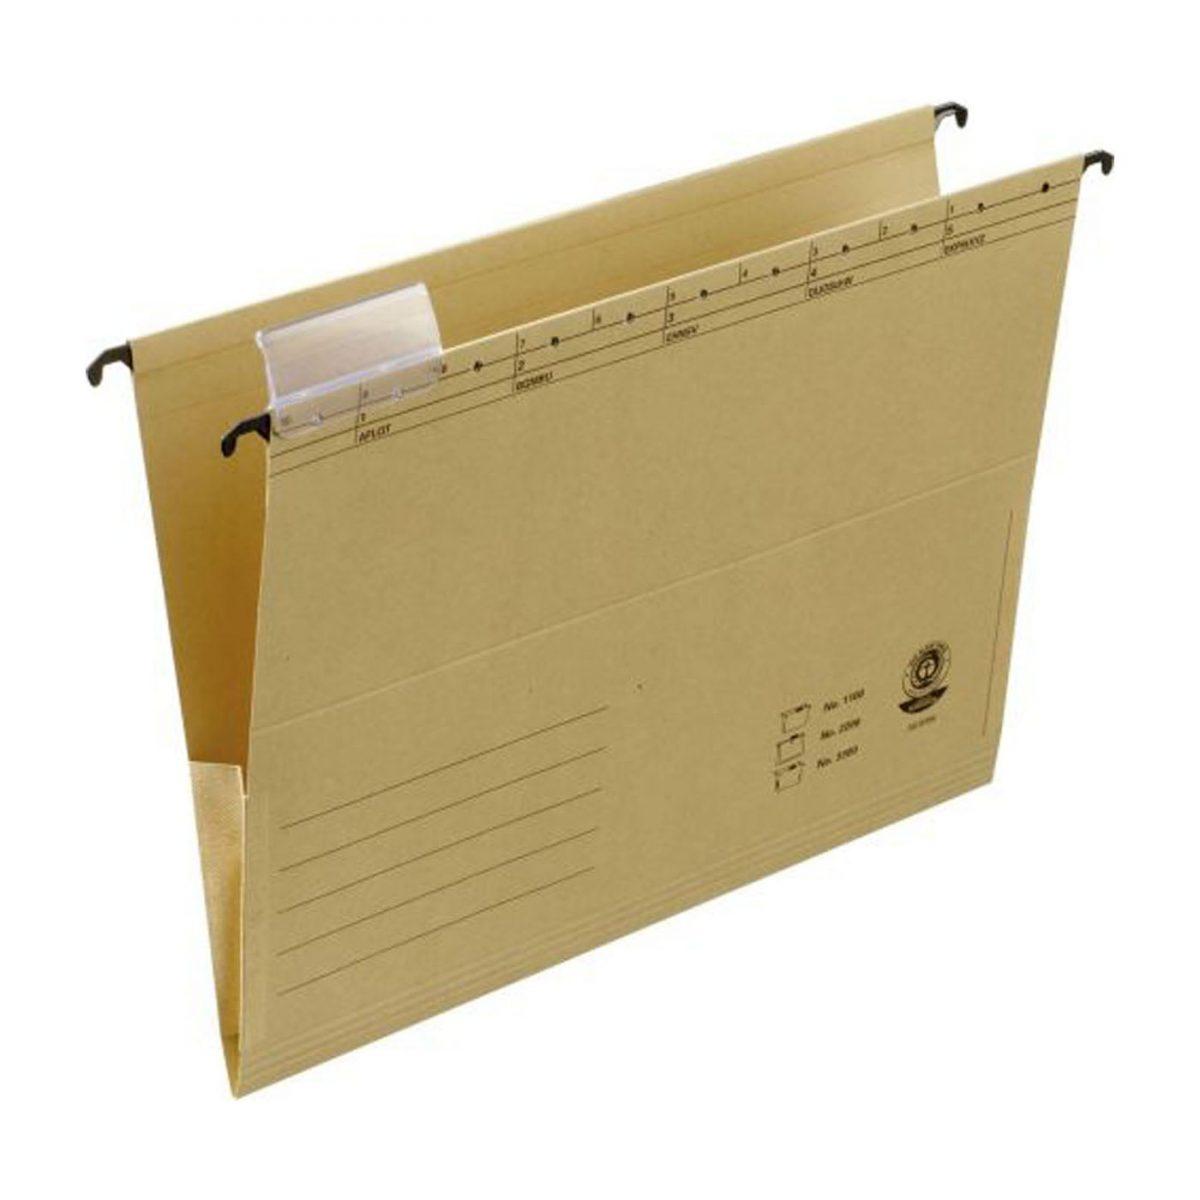 Dosar suspendabil cu burduf si eticheta , bagheta metalica, ELBA 3300 - kraft